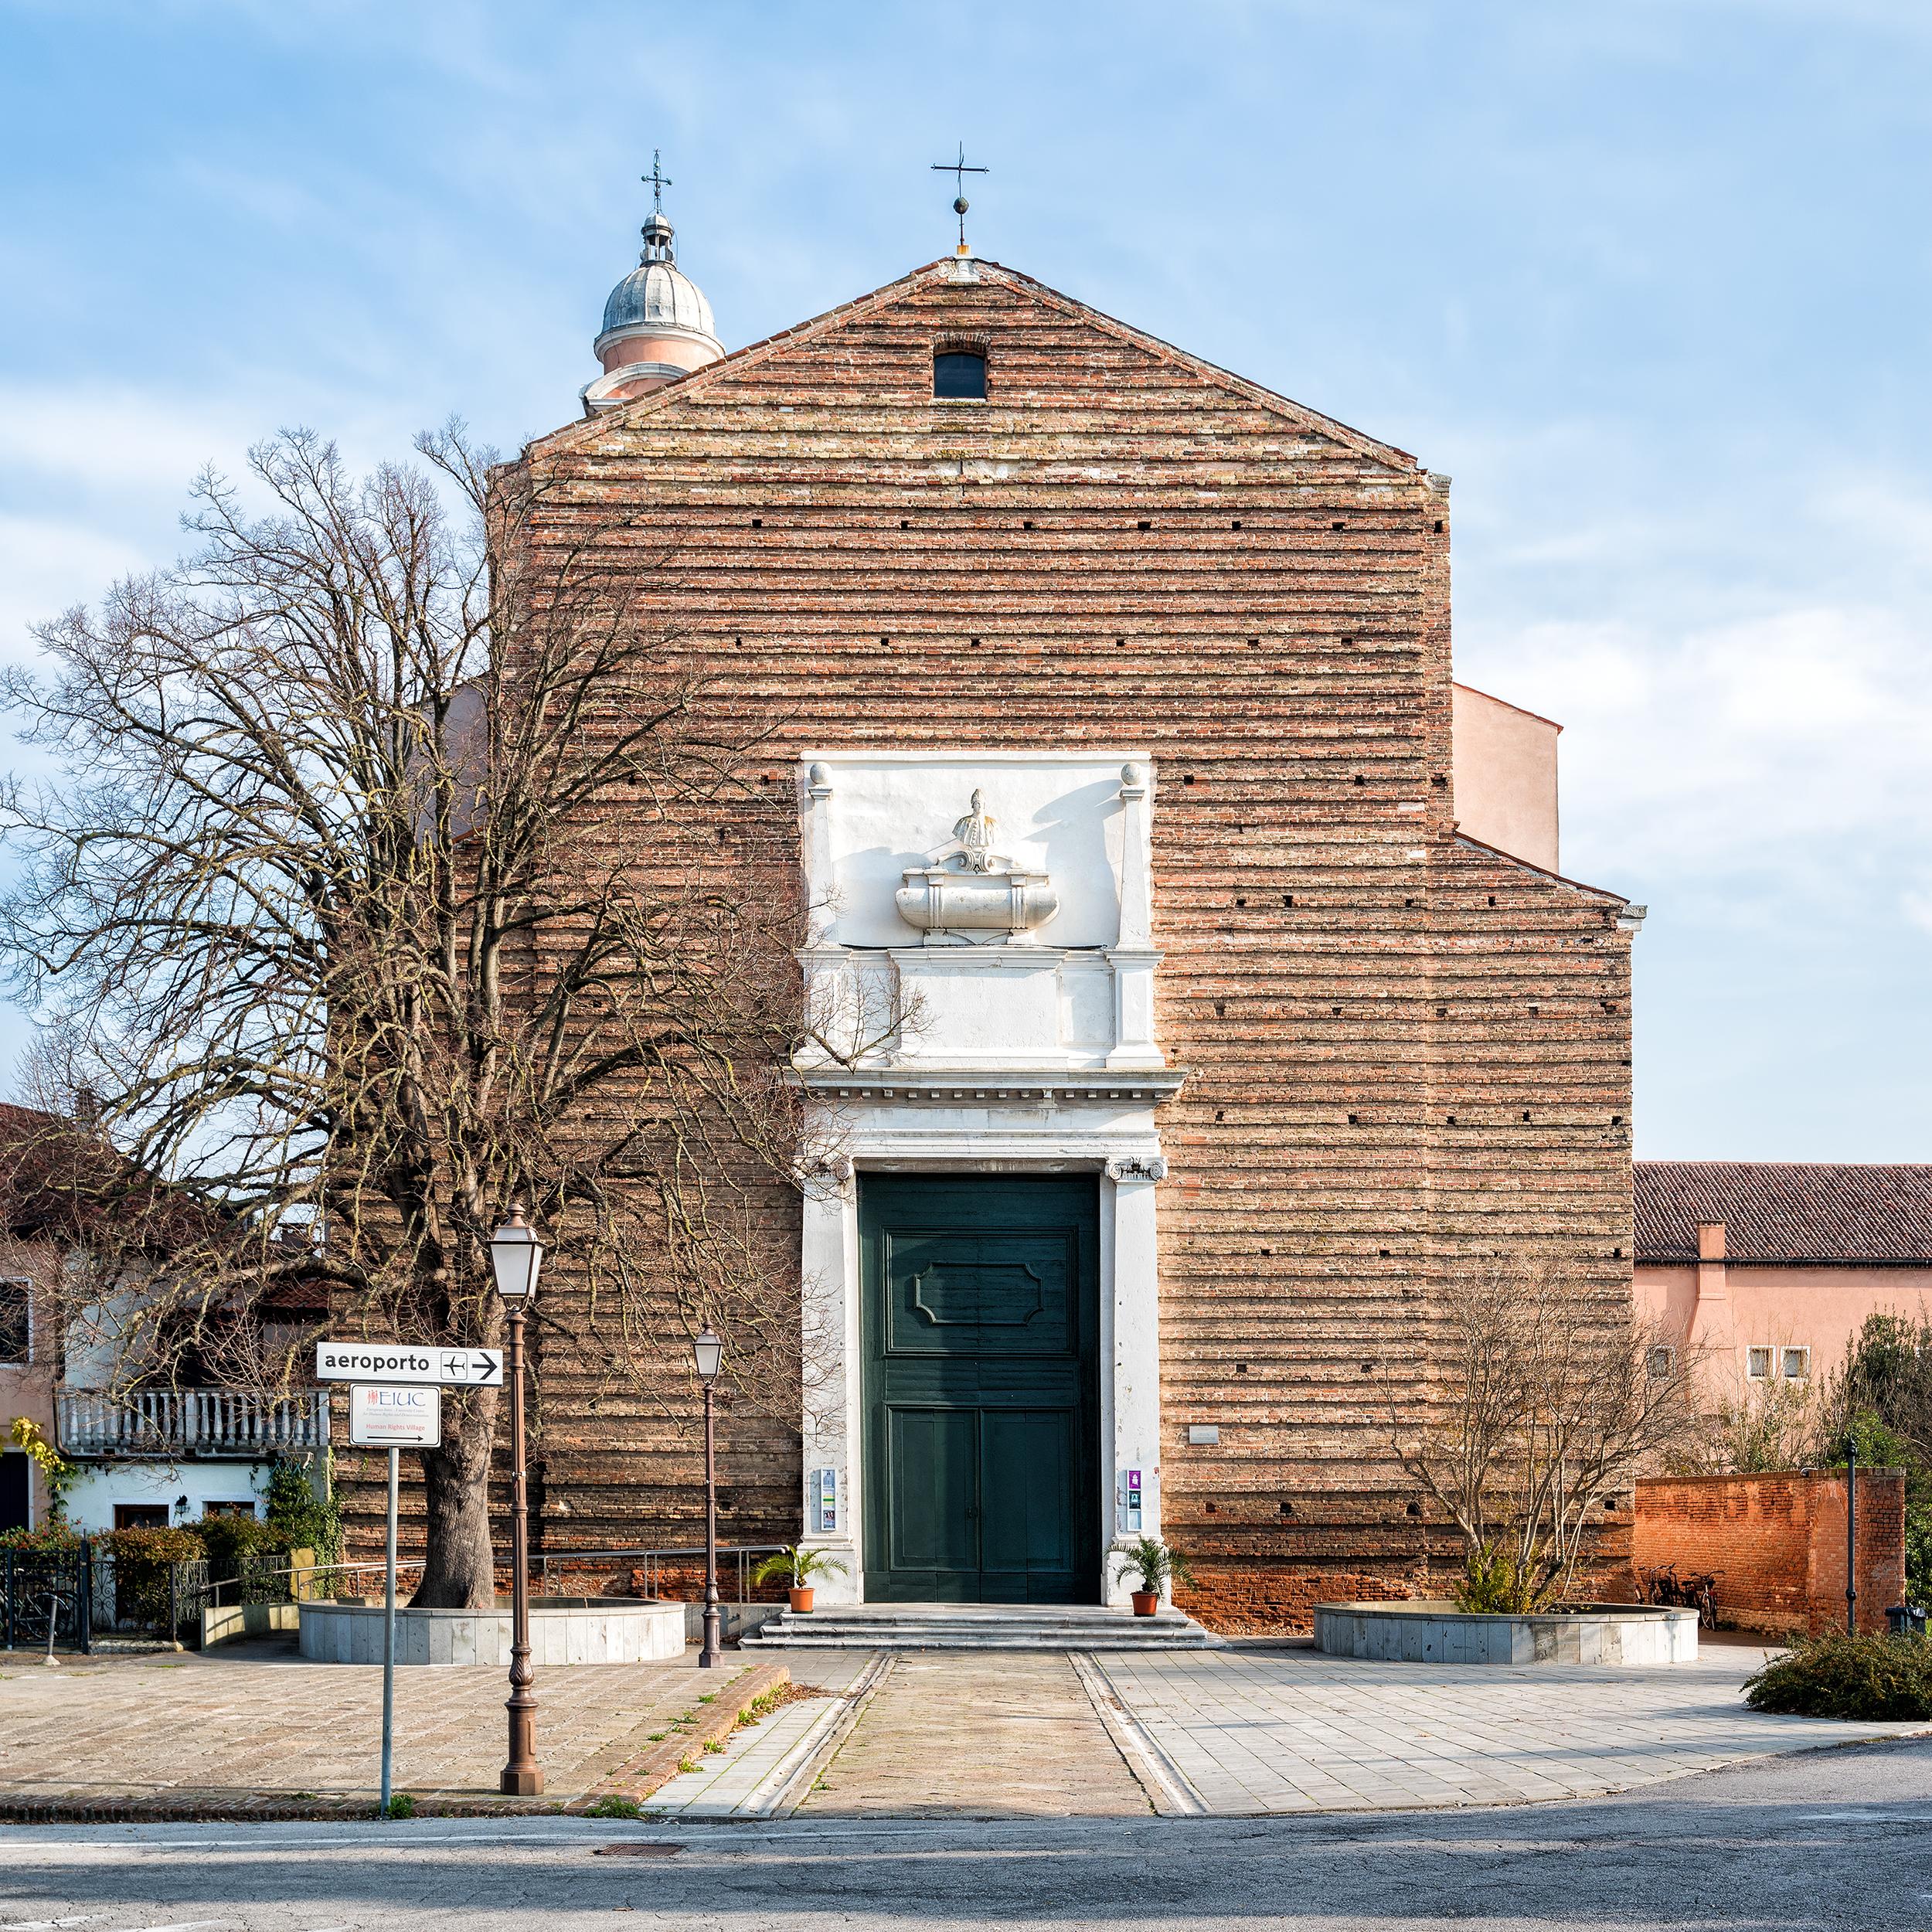 San Nicolò, Lido.